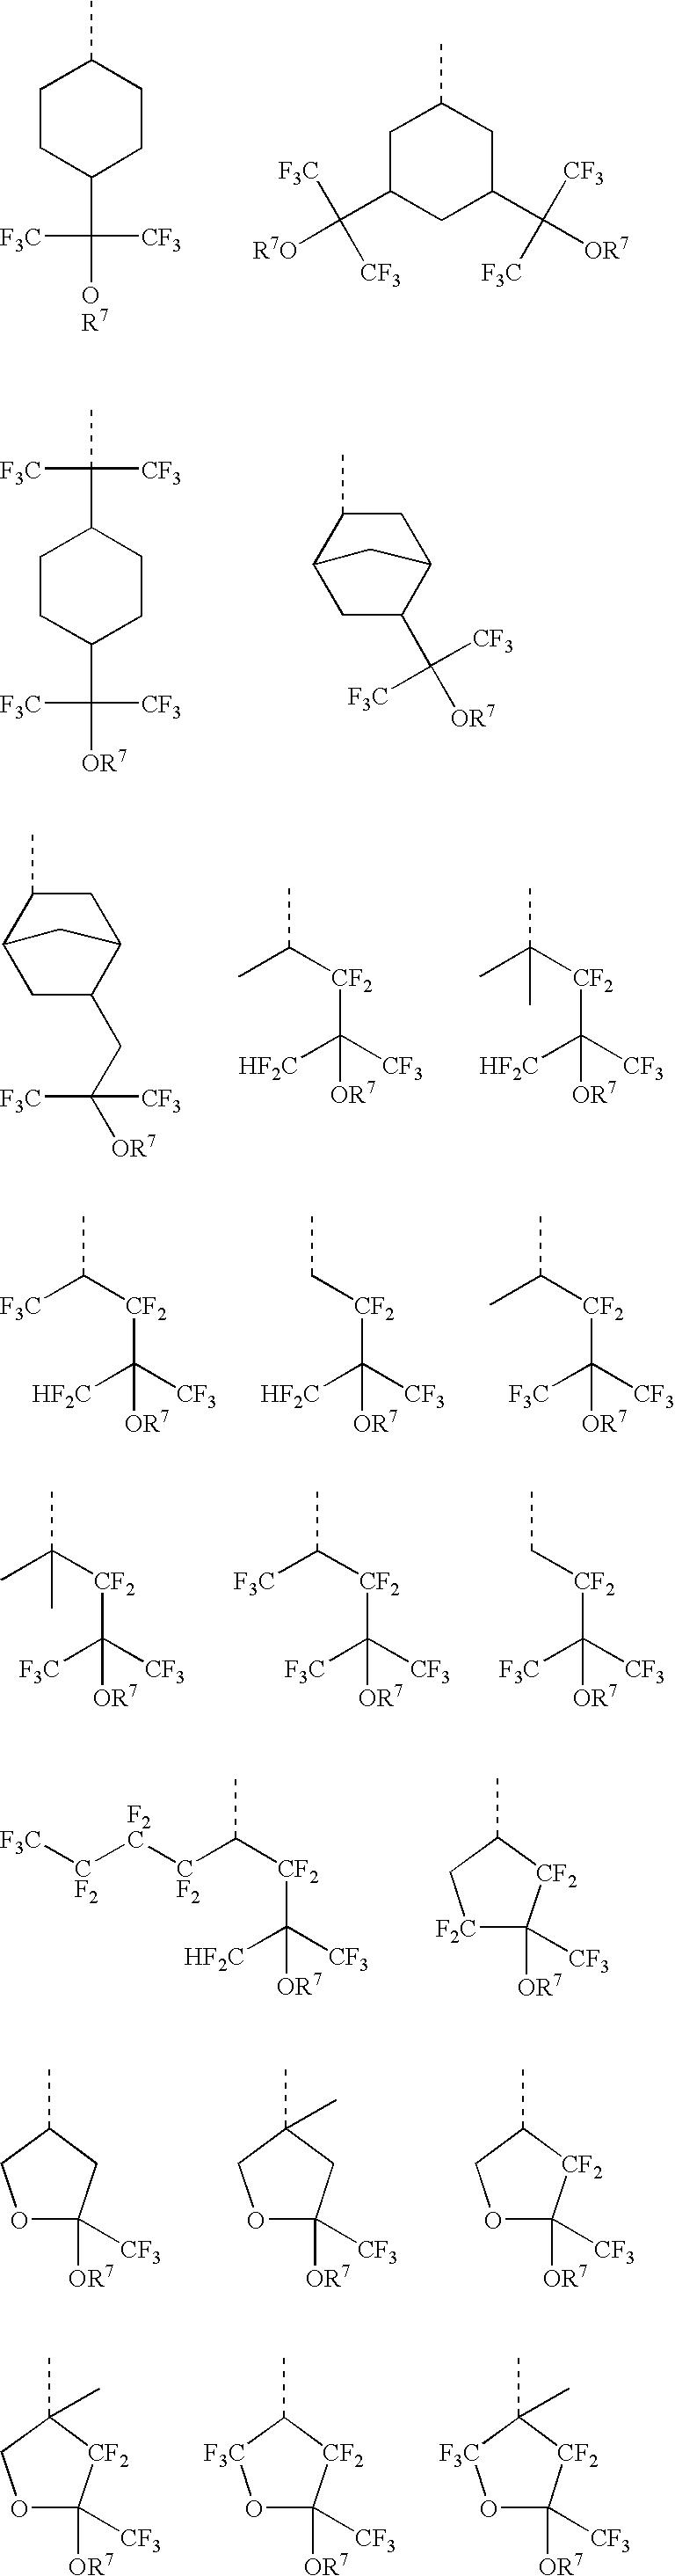 Figure US07537880-20090526-C00017